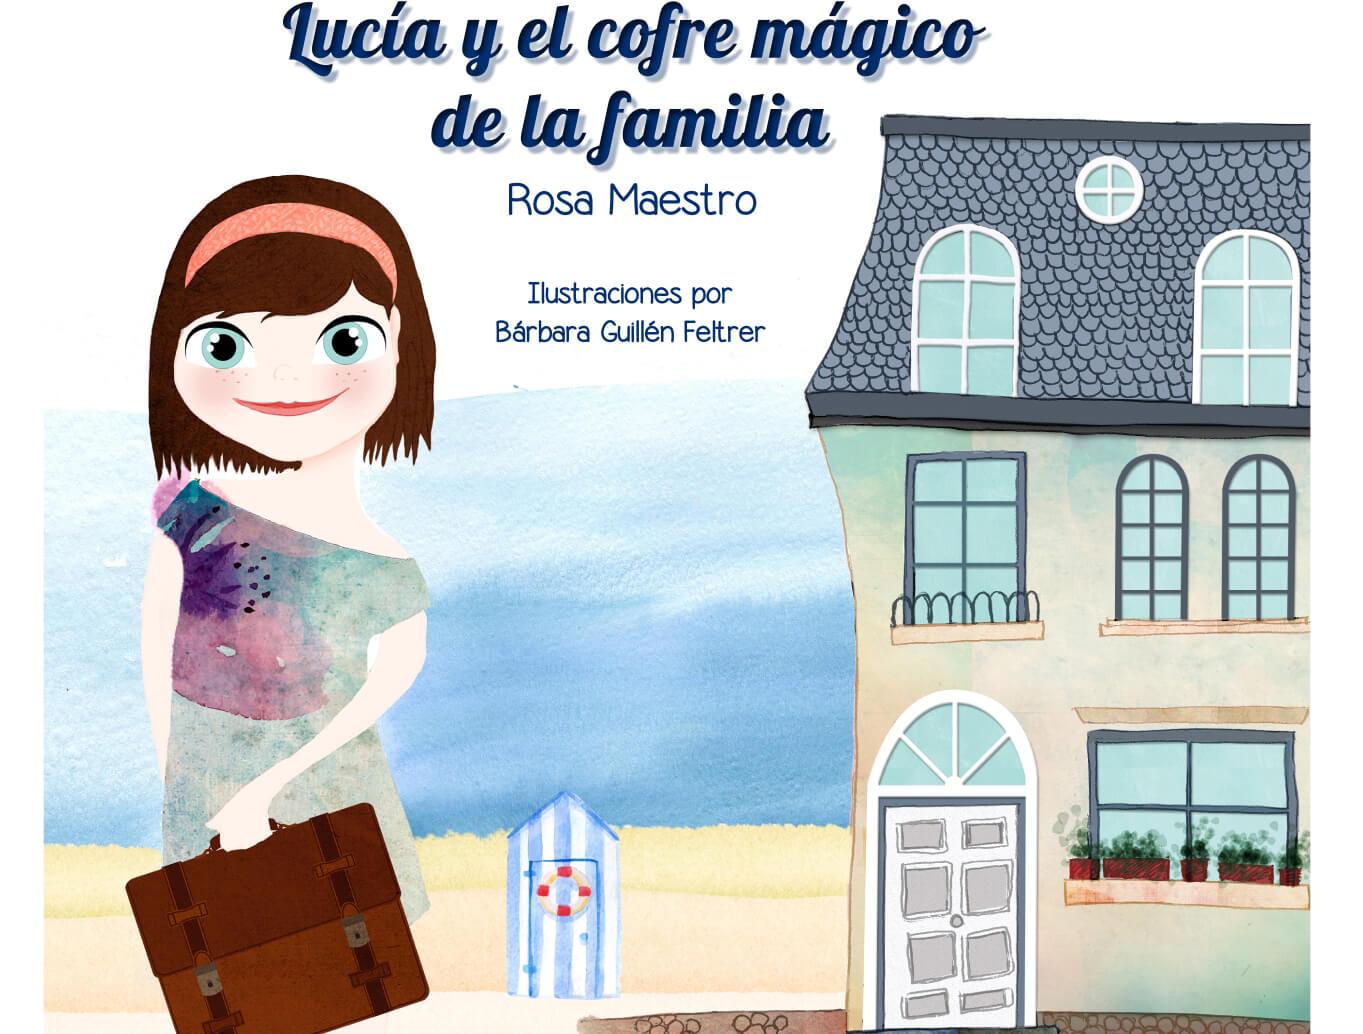 Lucia y el cofre mágico de la familia